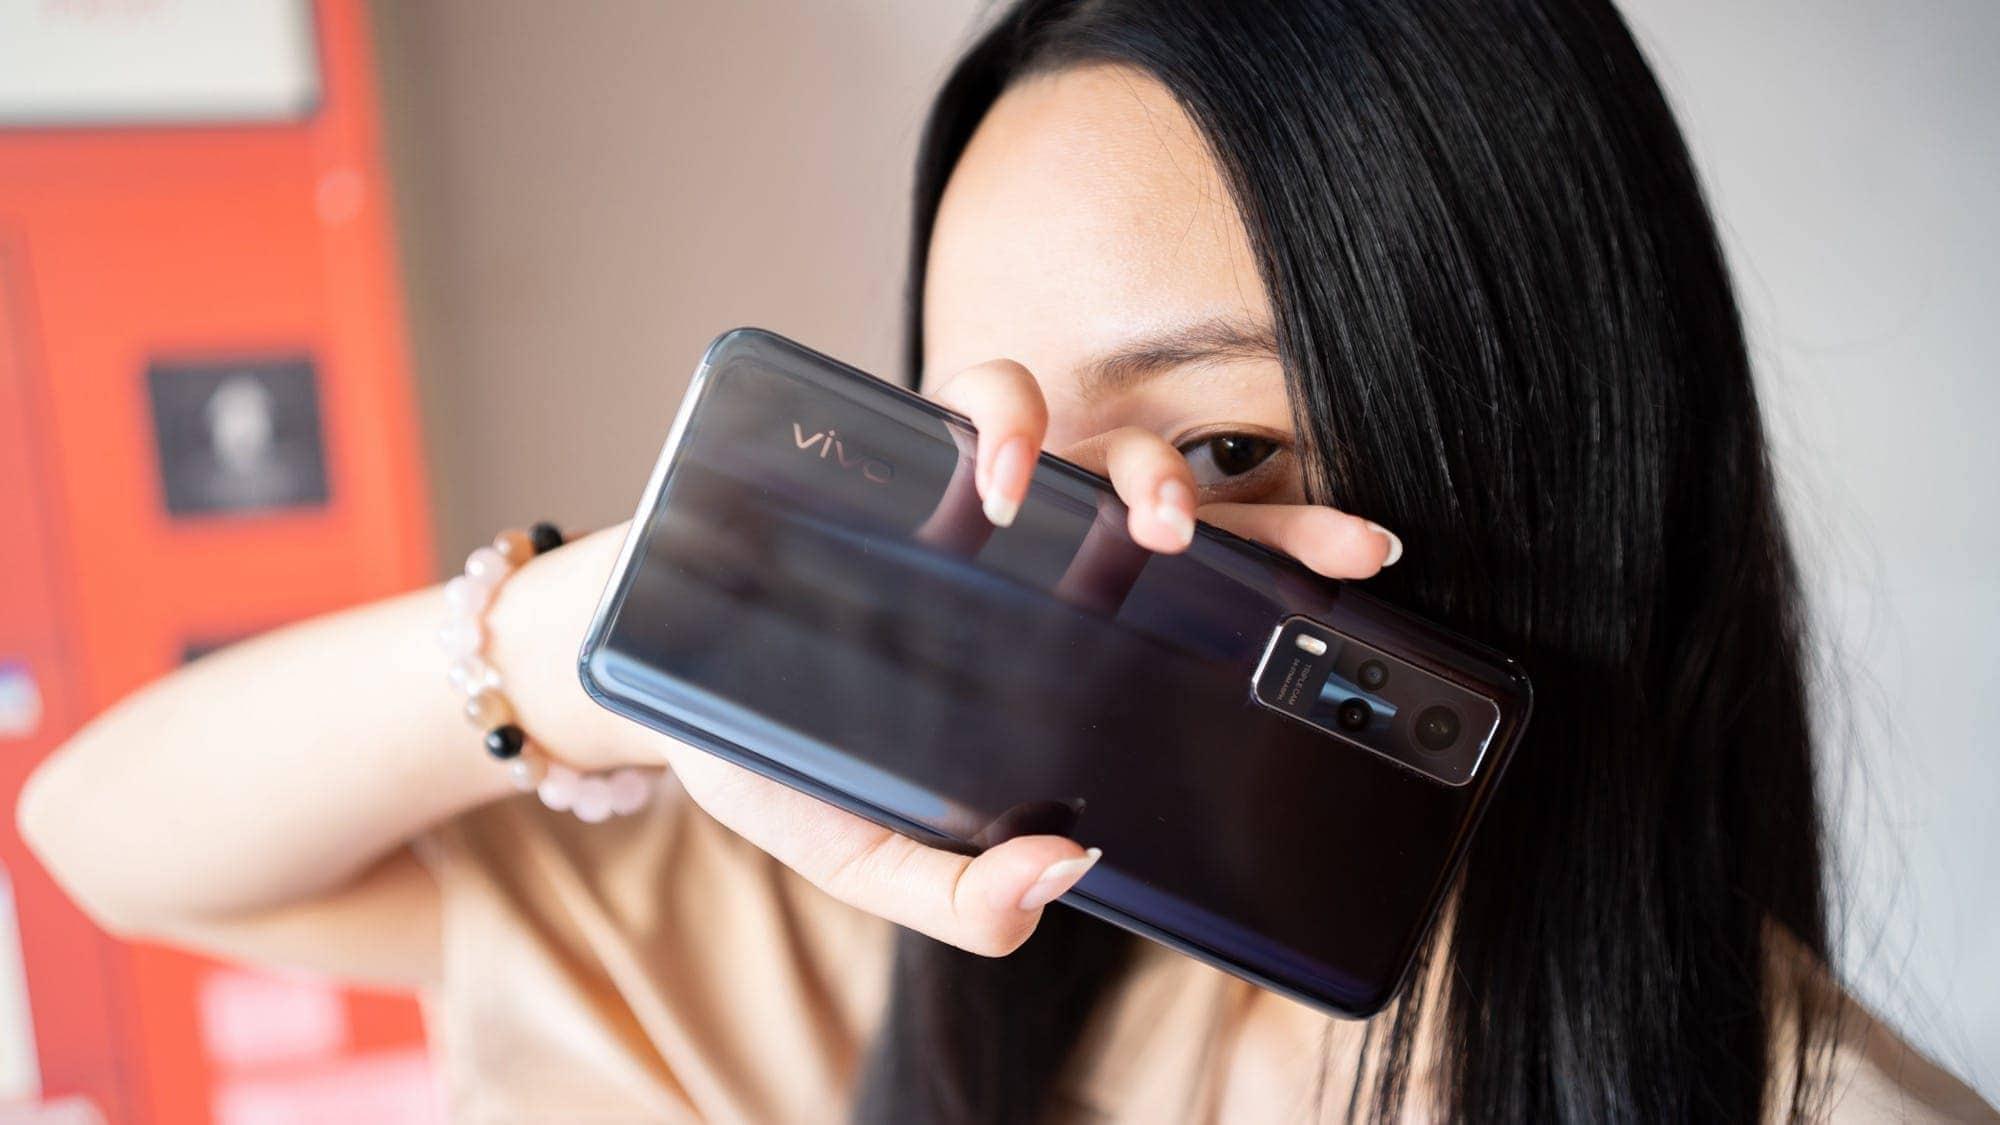 Vivo Y31 - รีวิว Vivo Y31 กล้องสวย ลำโพงดัง ราคา 7,499 บาท